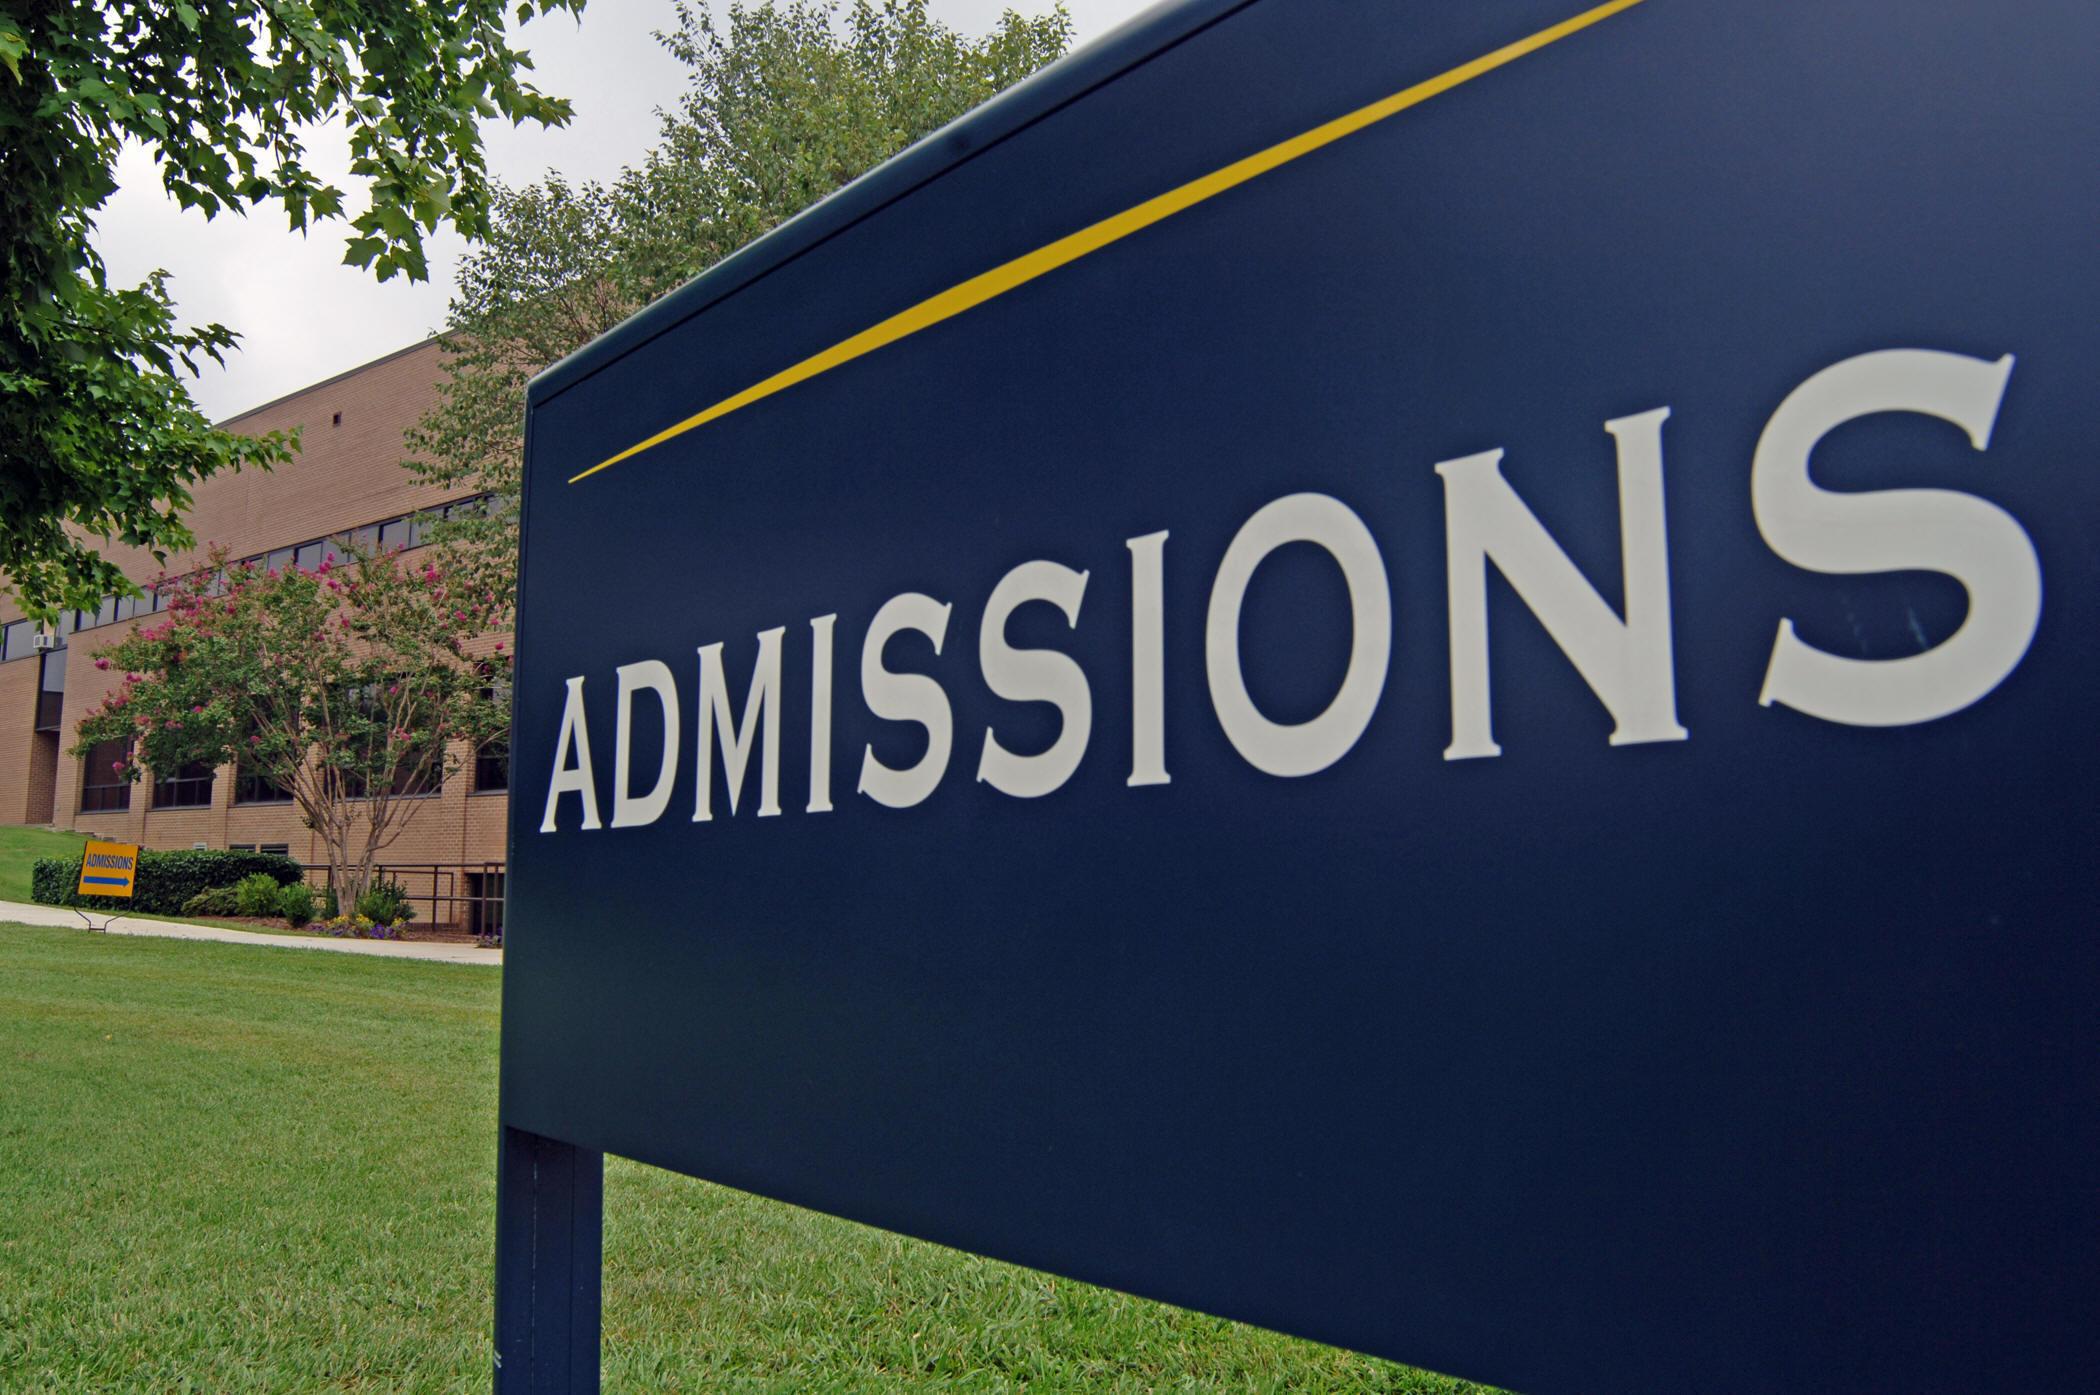 پذیرش دانشگاه های قبرس شمالی